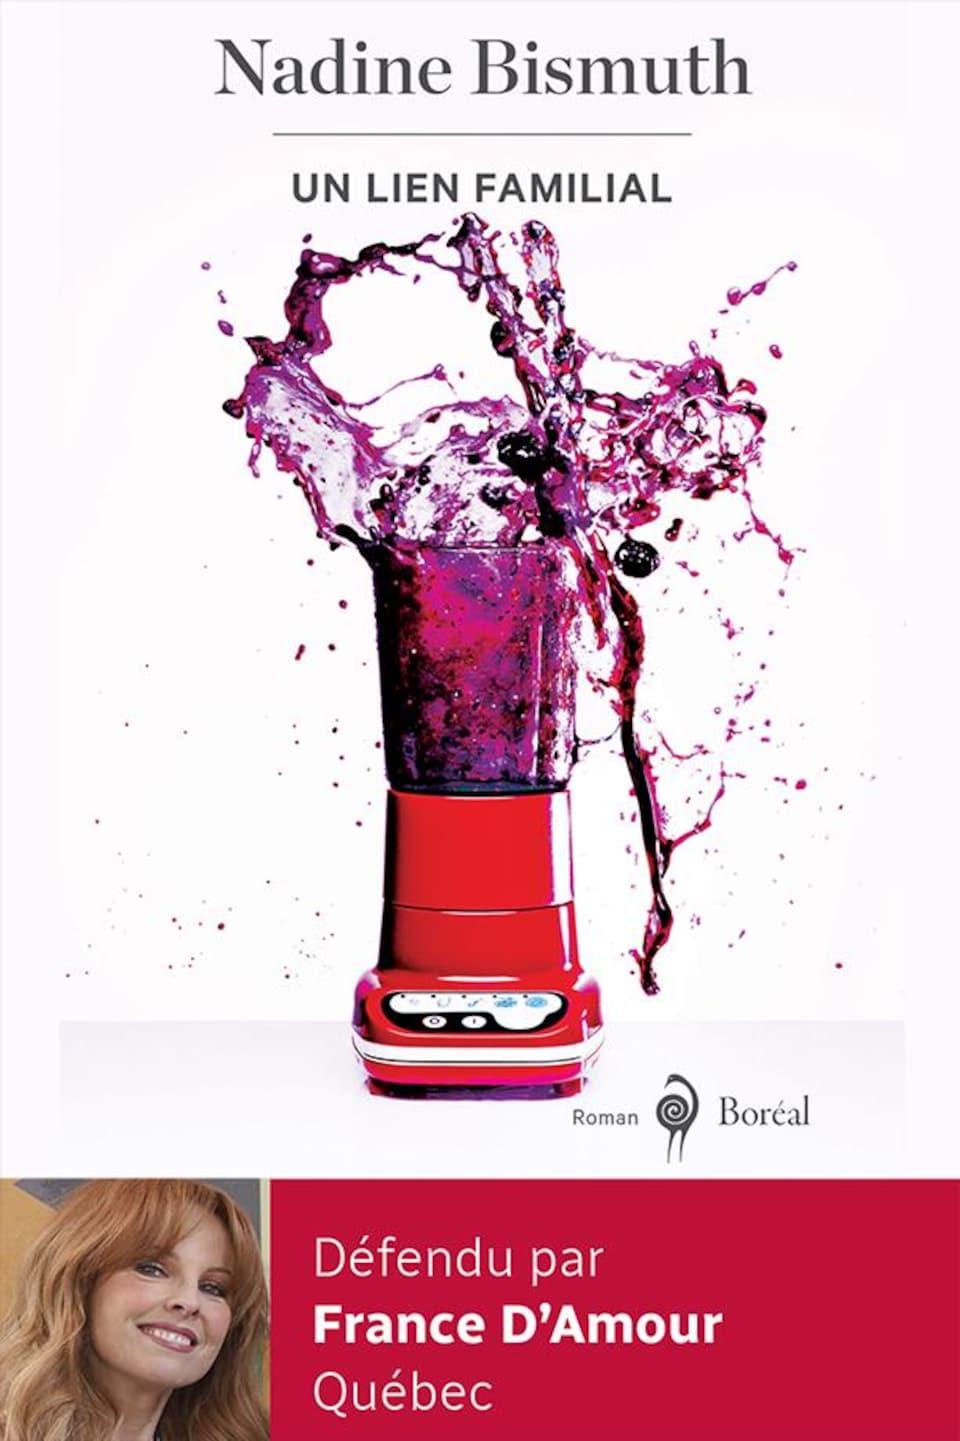 La couverture du ivre représente un appareil mélangeur dont le  contenu, un liquide violet, gicle en l'air.